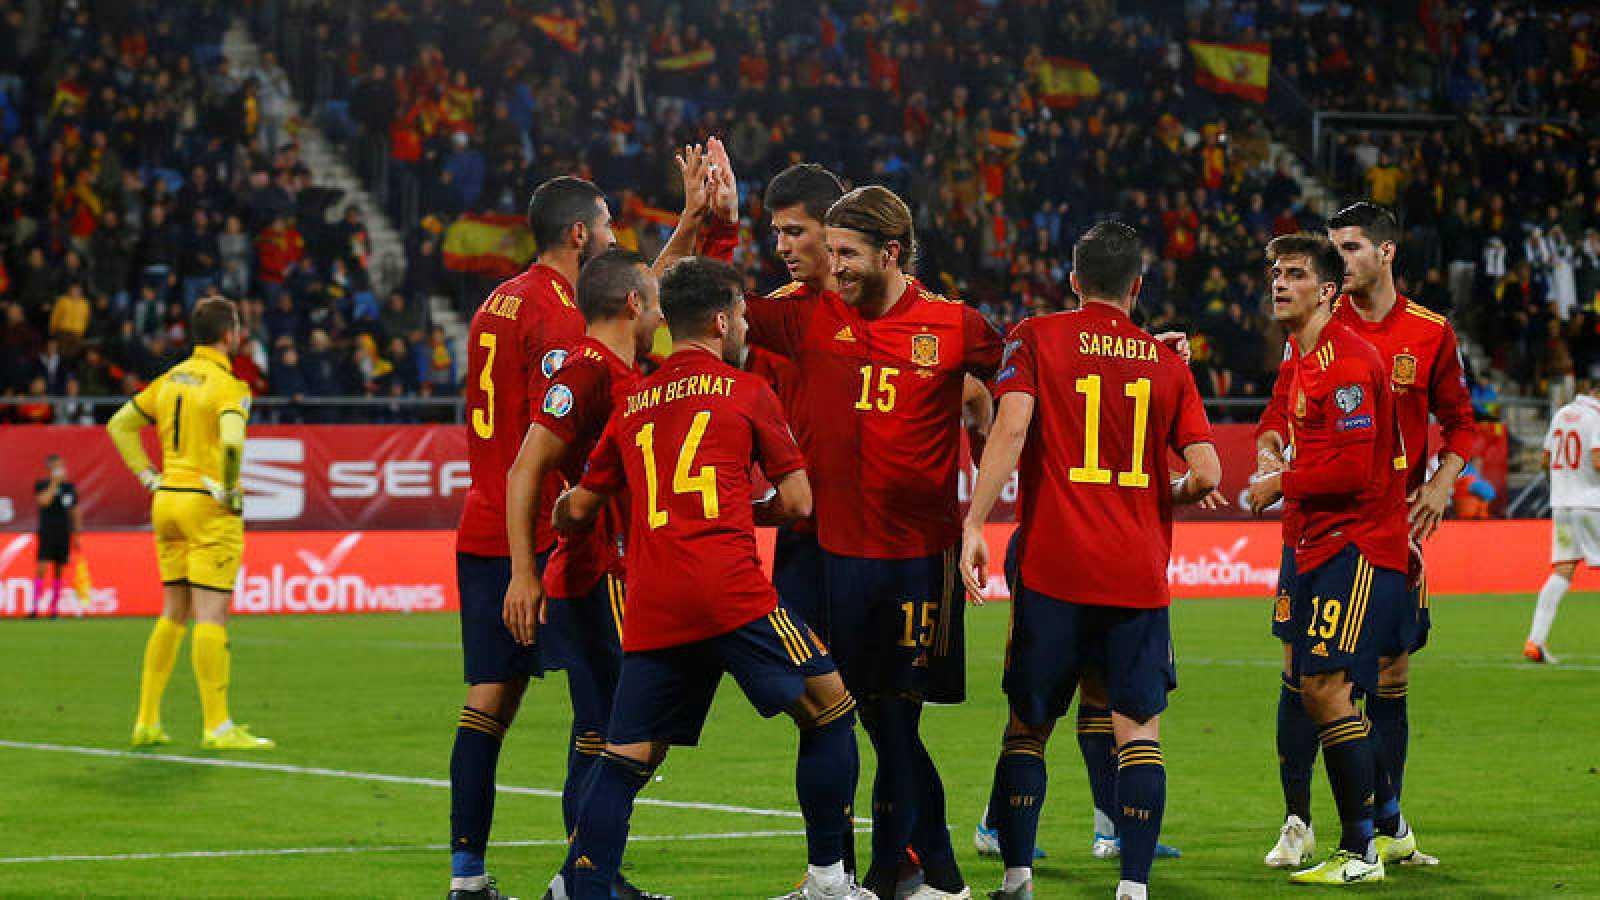 El 7-0 a Malta dejó buenos recuerdos a varios de los debutantes con la Roja, que se clasificará para la Eurocopa como cabeza de serie si gana el próximo lunes a Rumanía.